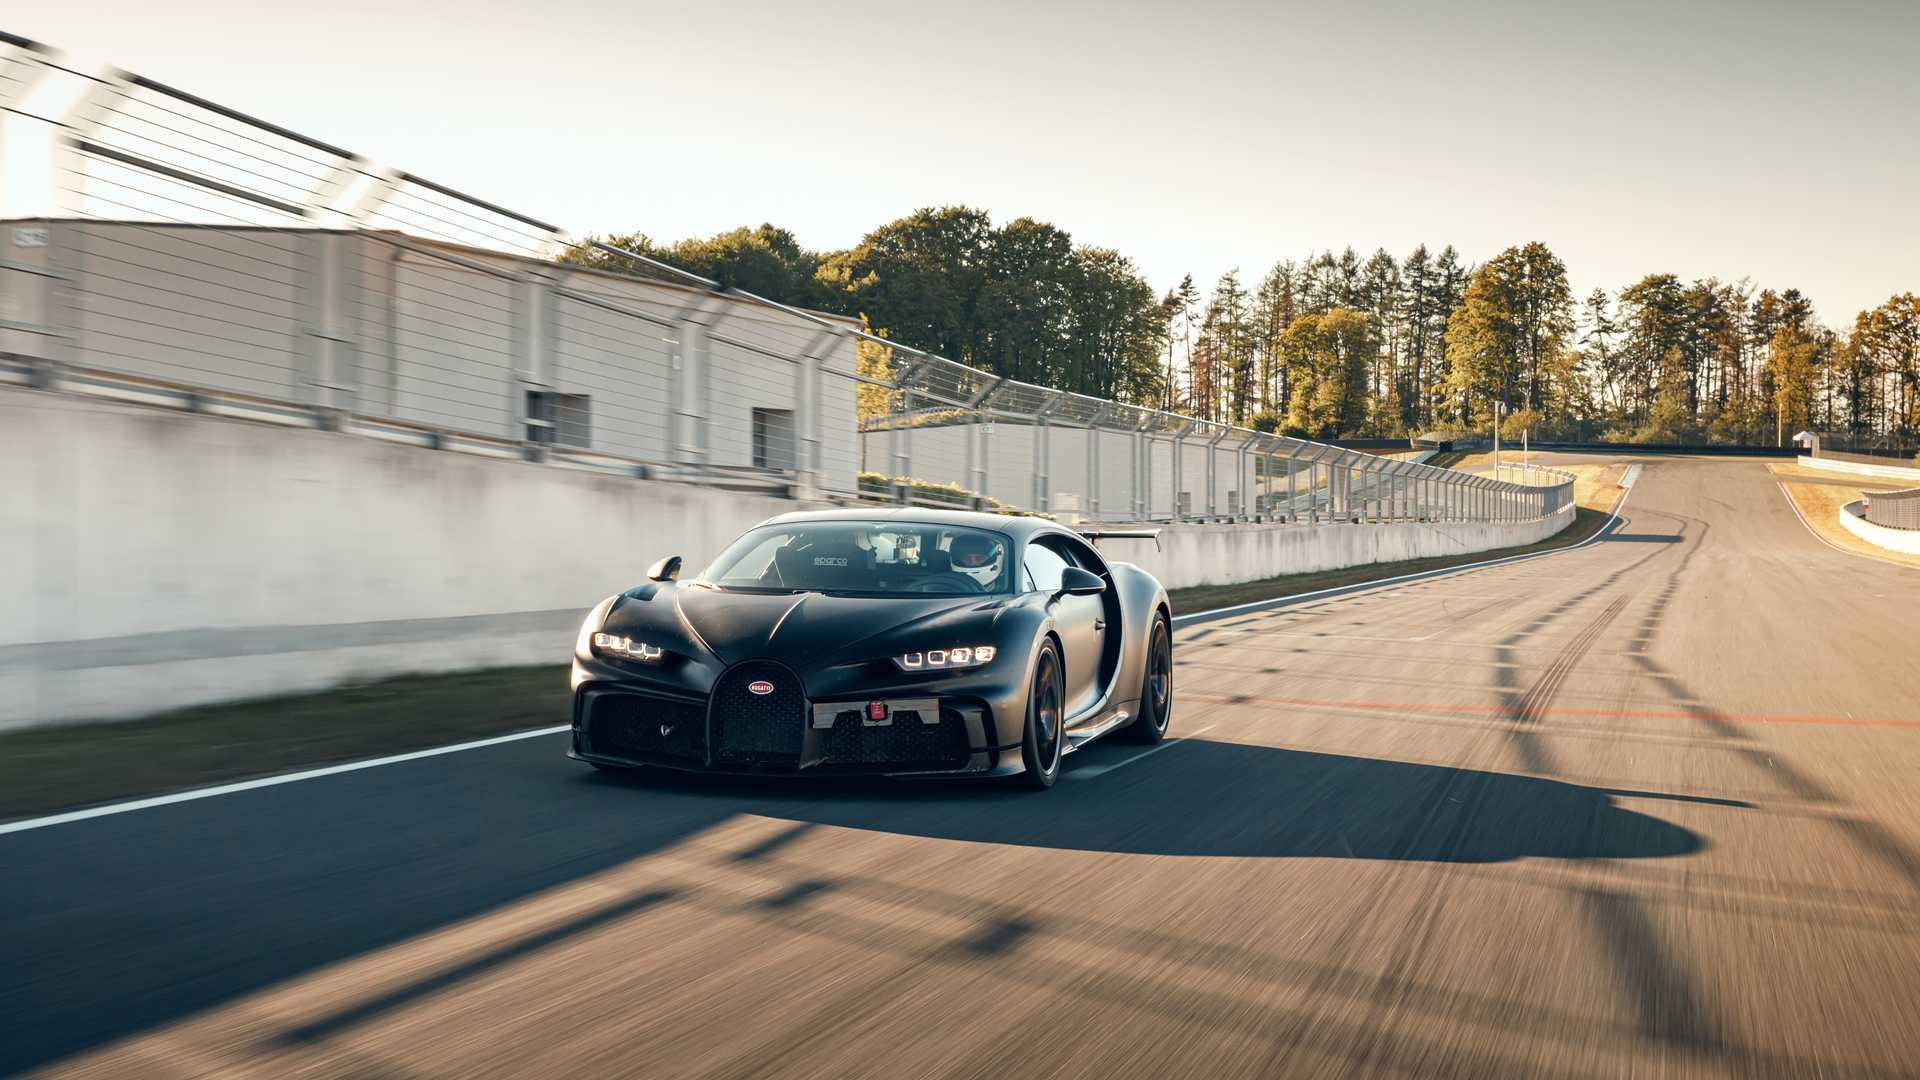 Bugatti_Chiron_Pur_Sport_Bilster_Berg_0001